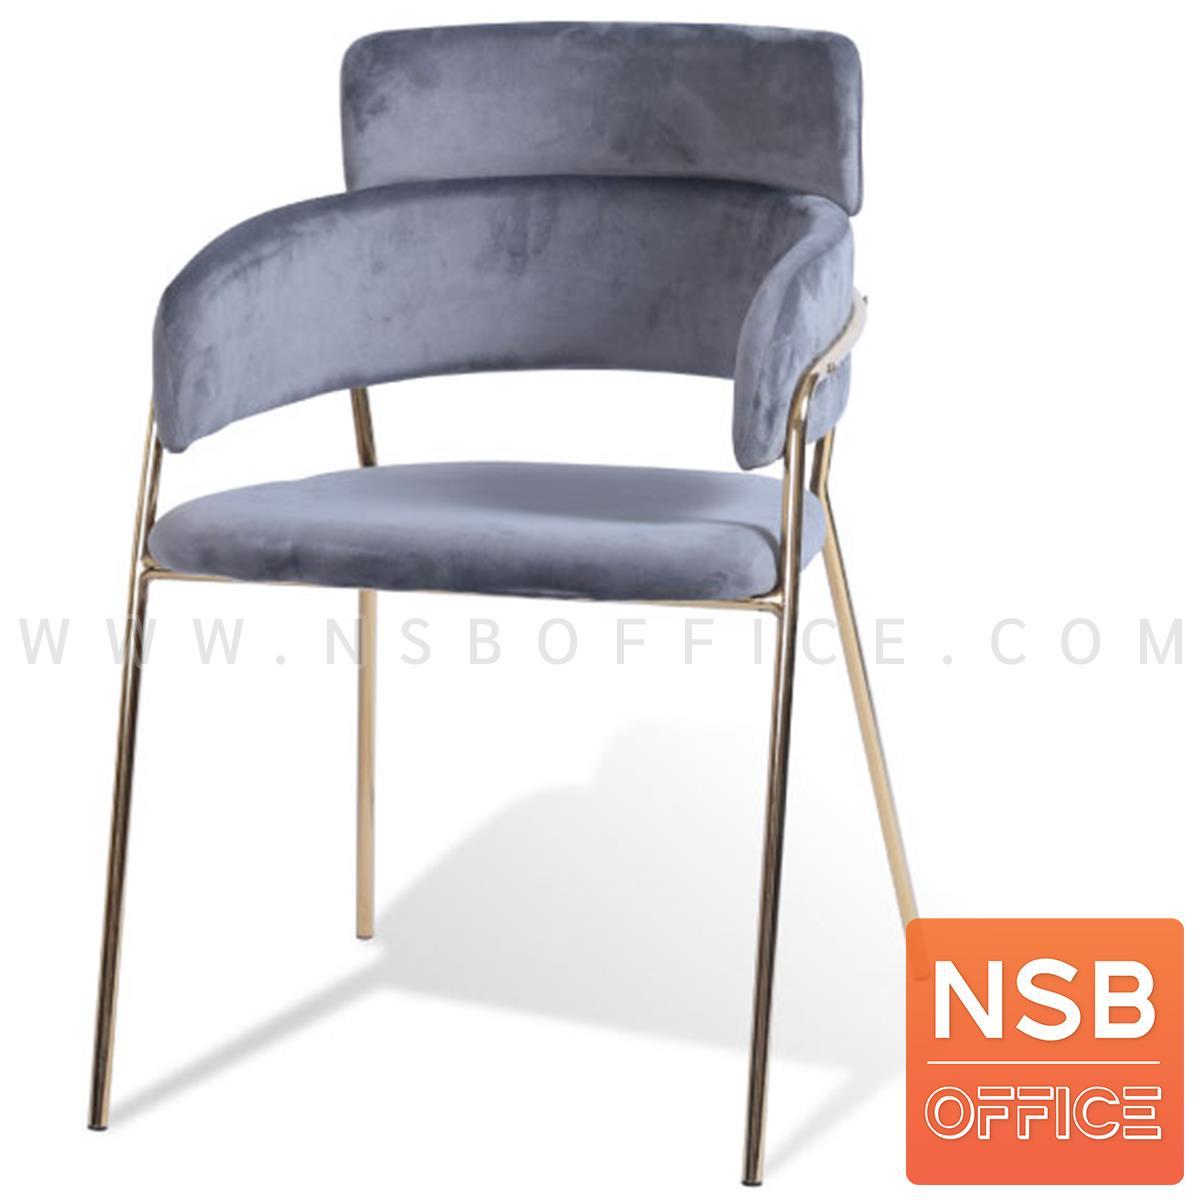 B29A379:เก้าอี้โมเดิร์น รุ่น Jamille (เจมิลี่)  เบาะหุ้มผ้ากำมะหยี่ ขาเหล็กสีทอง